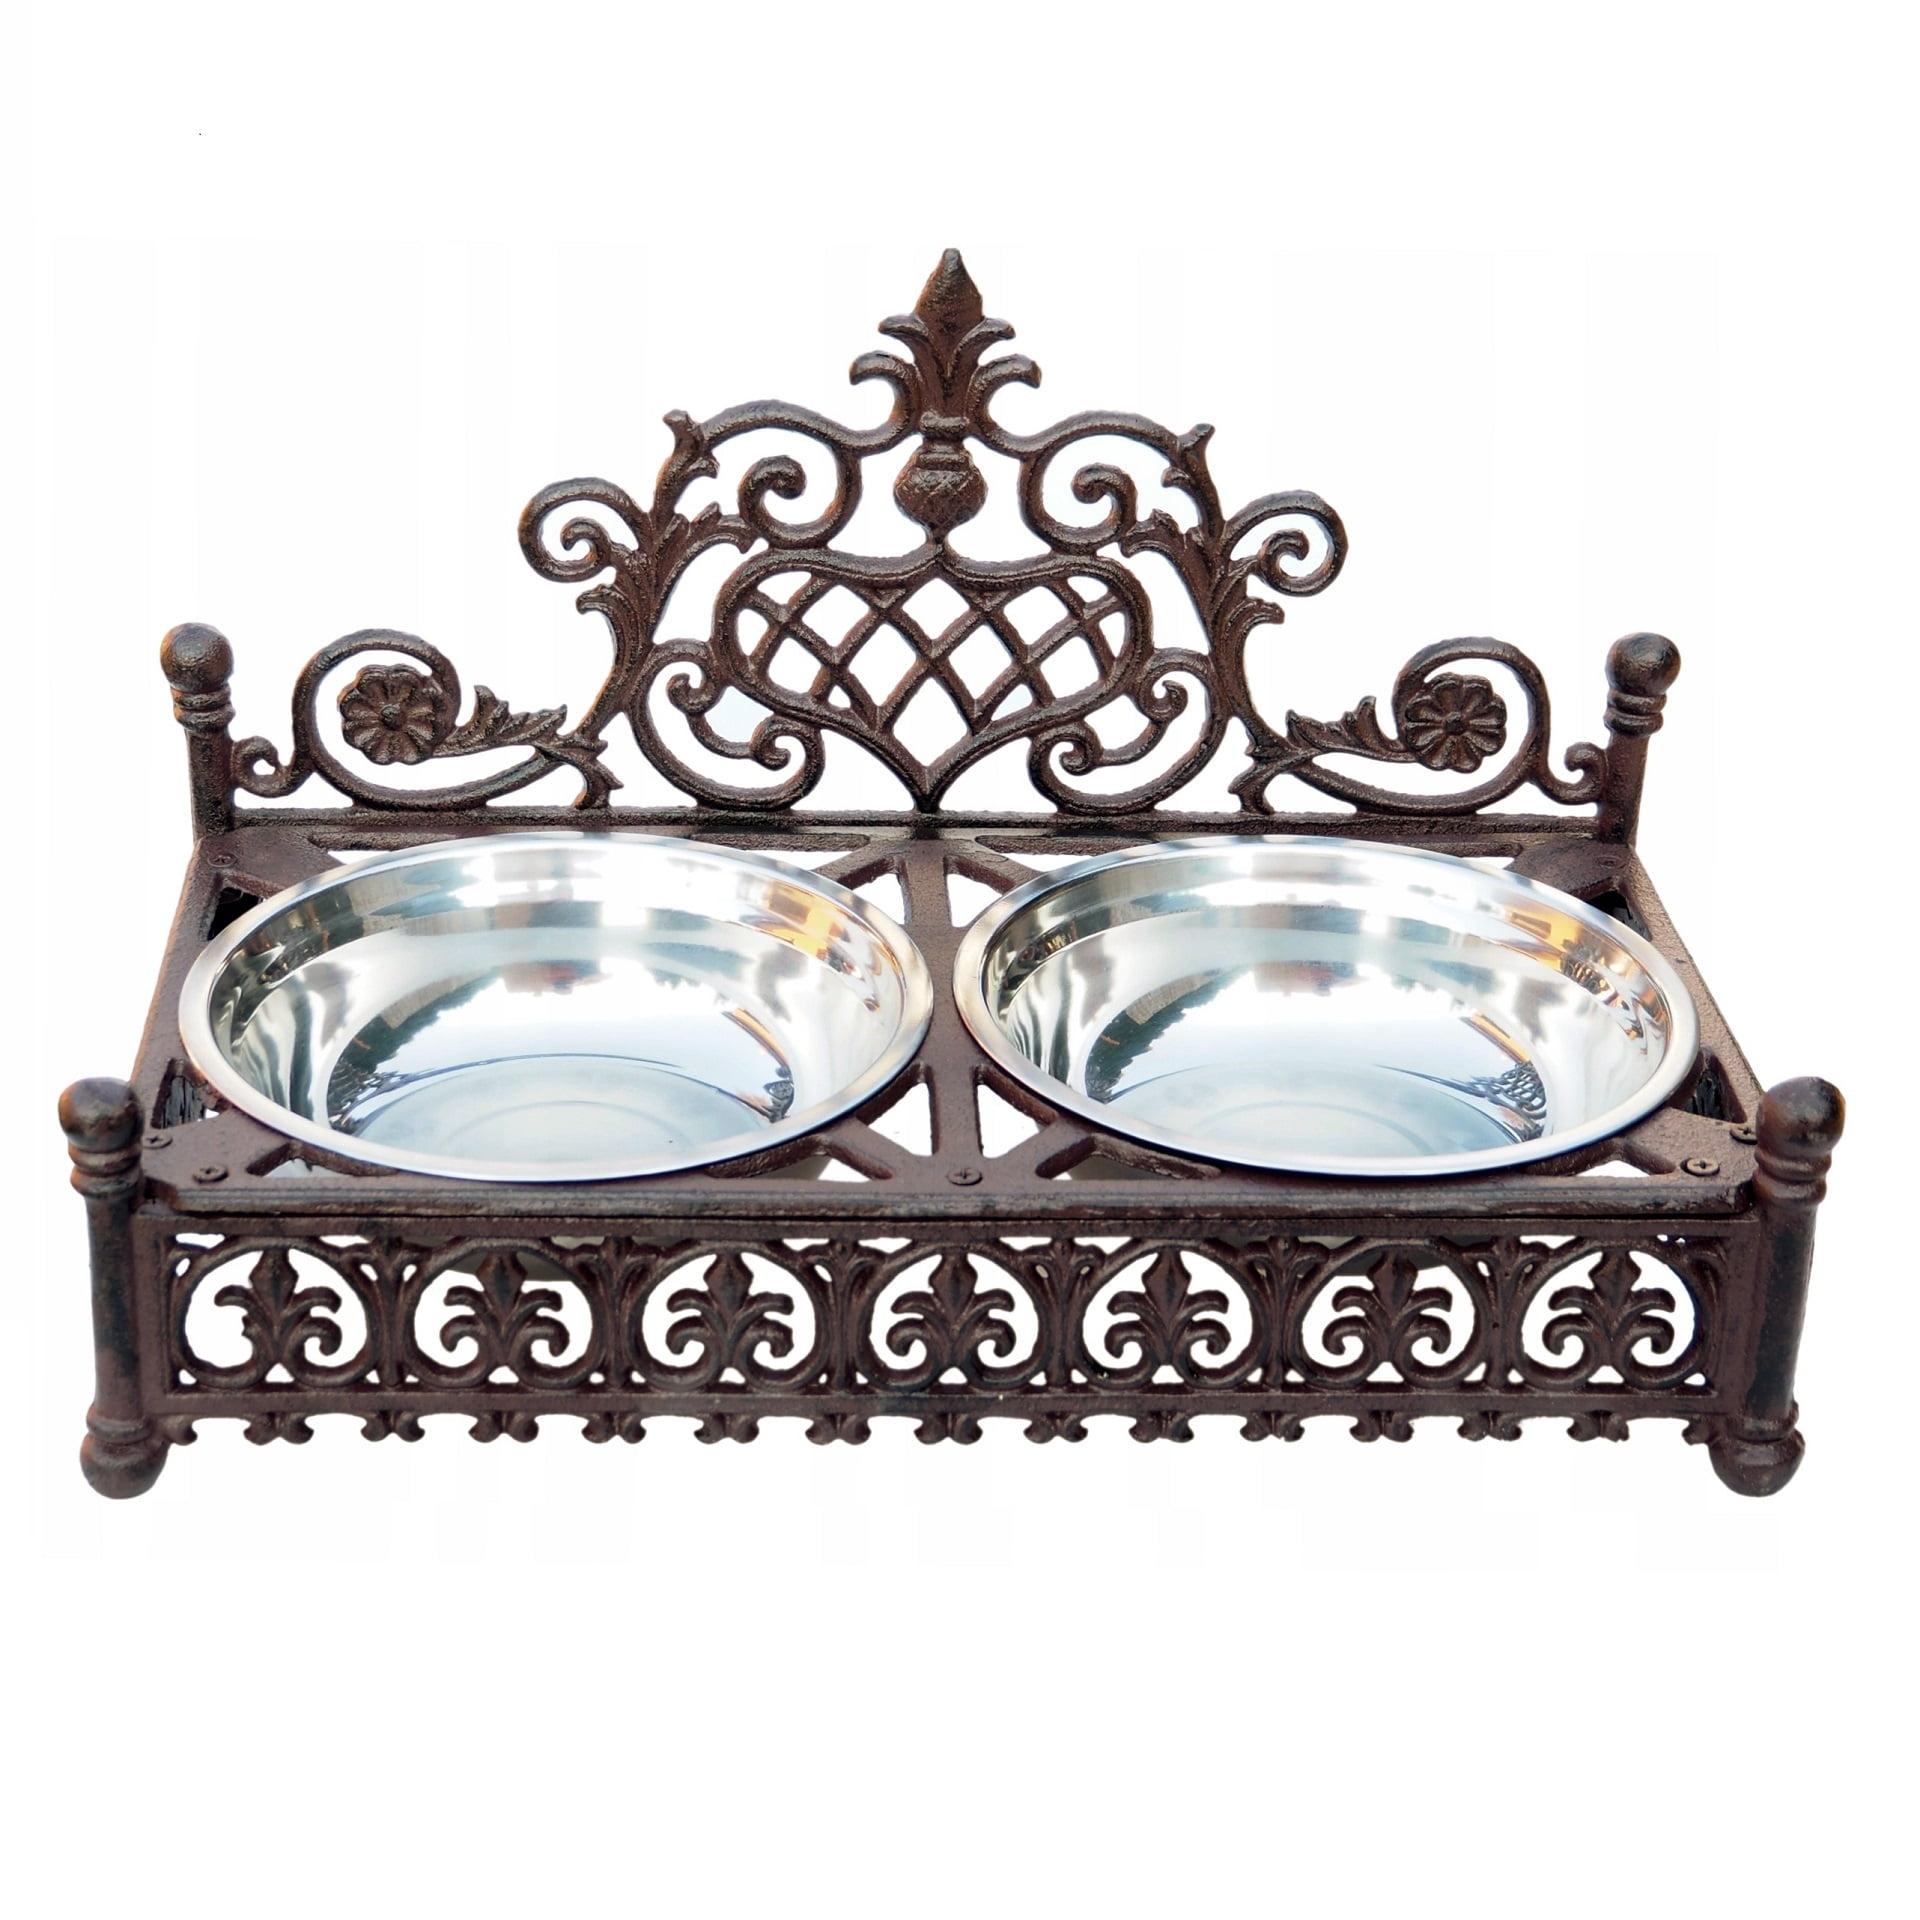 żeliwny stojak dekoracyjny na miski